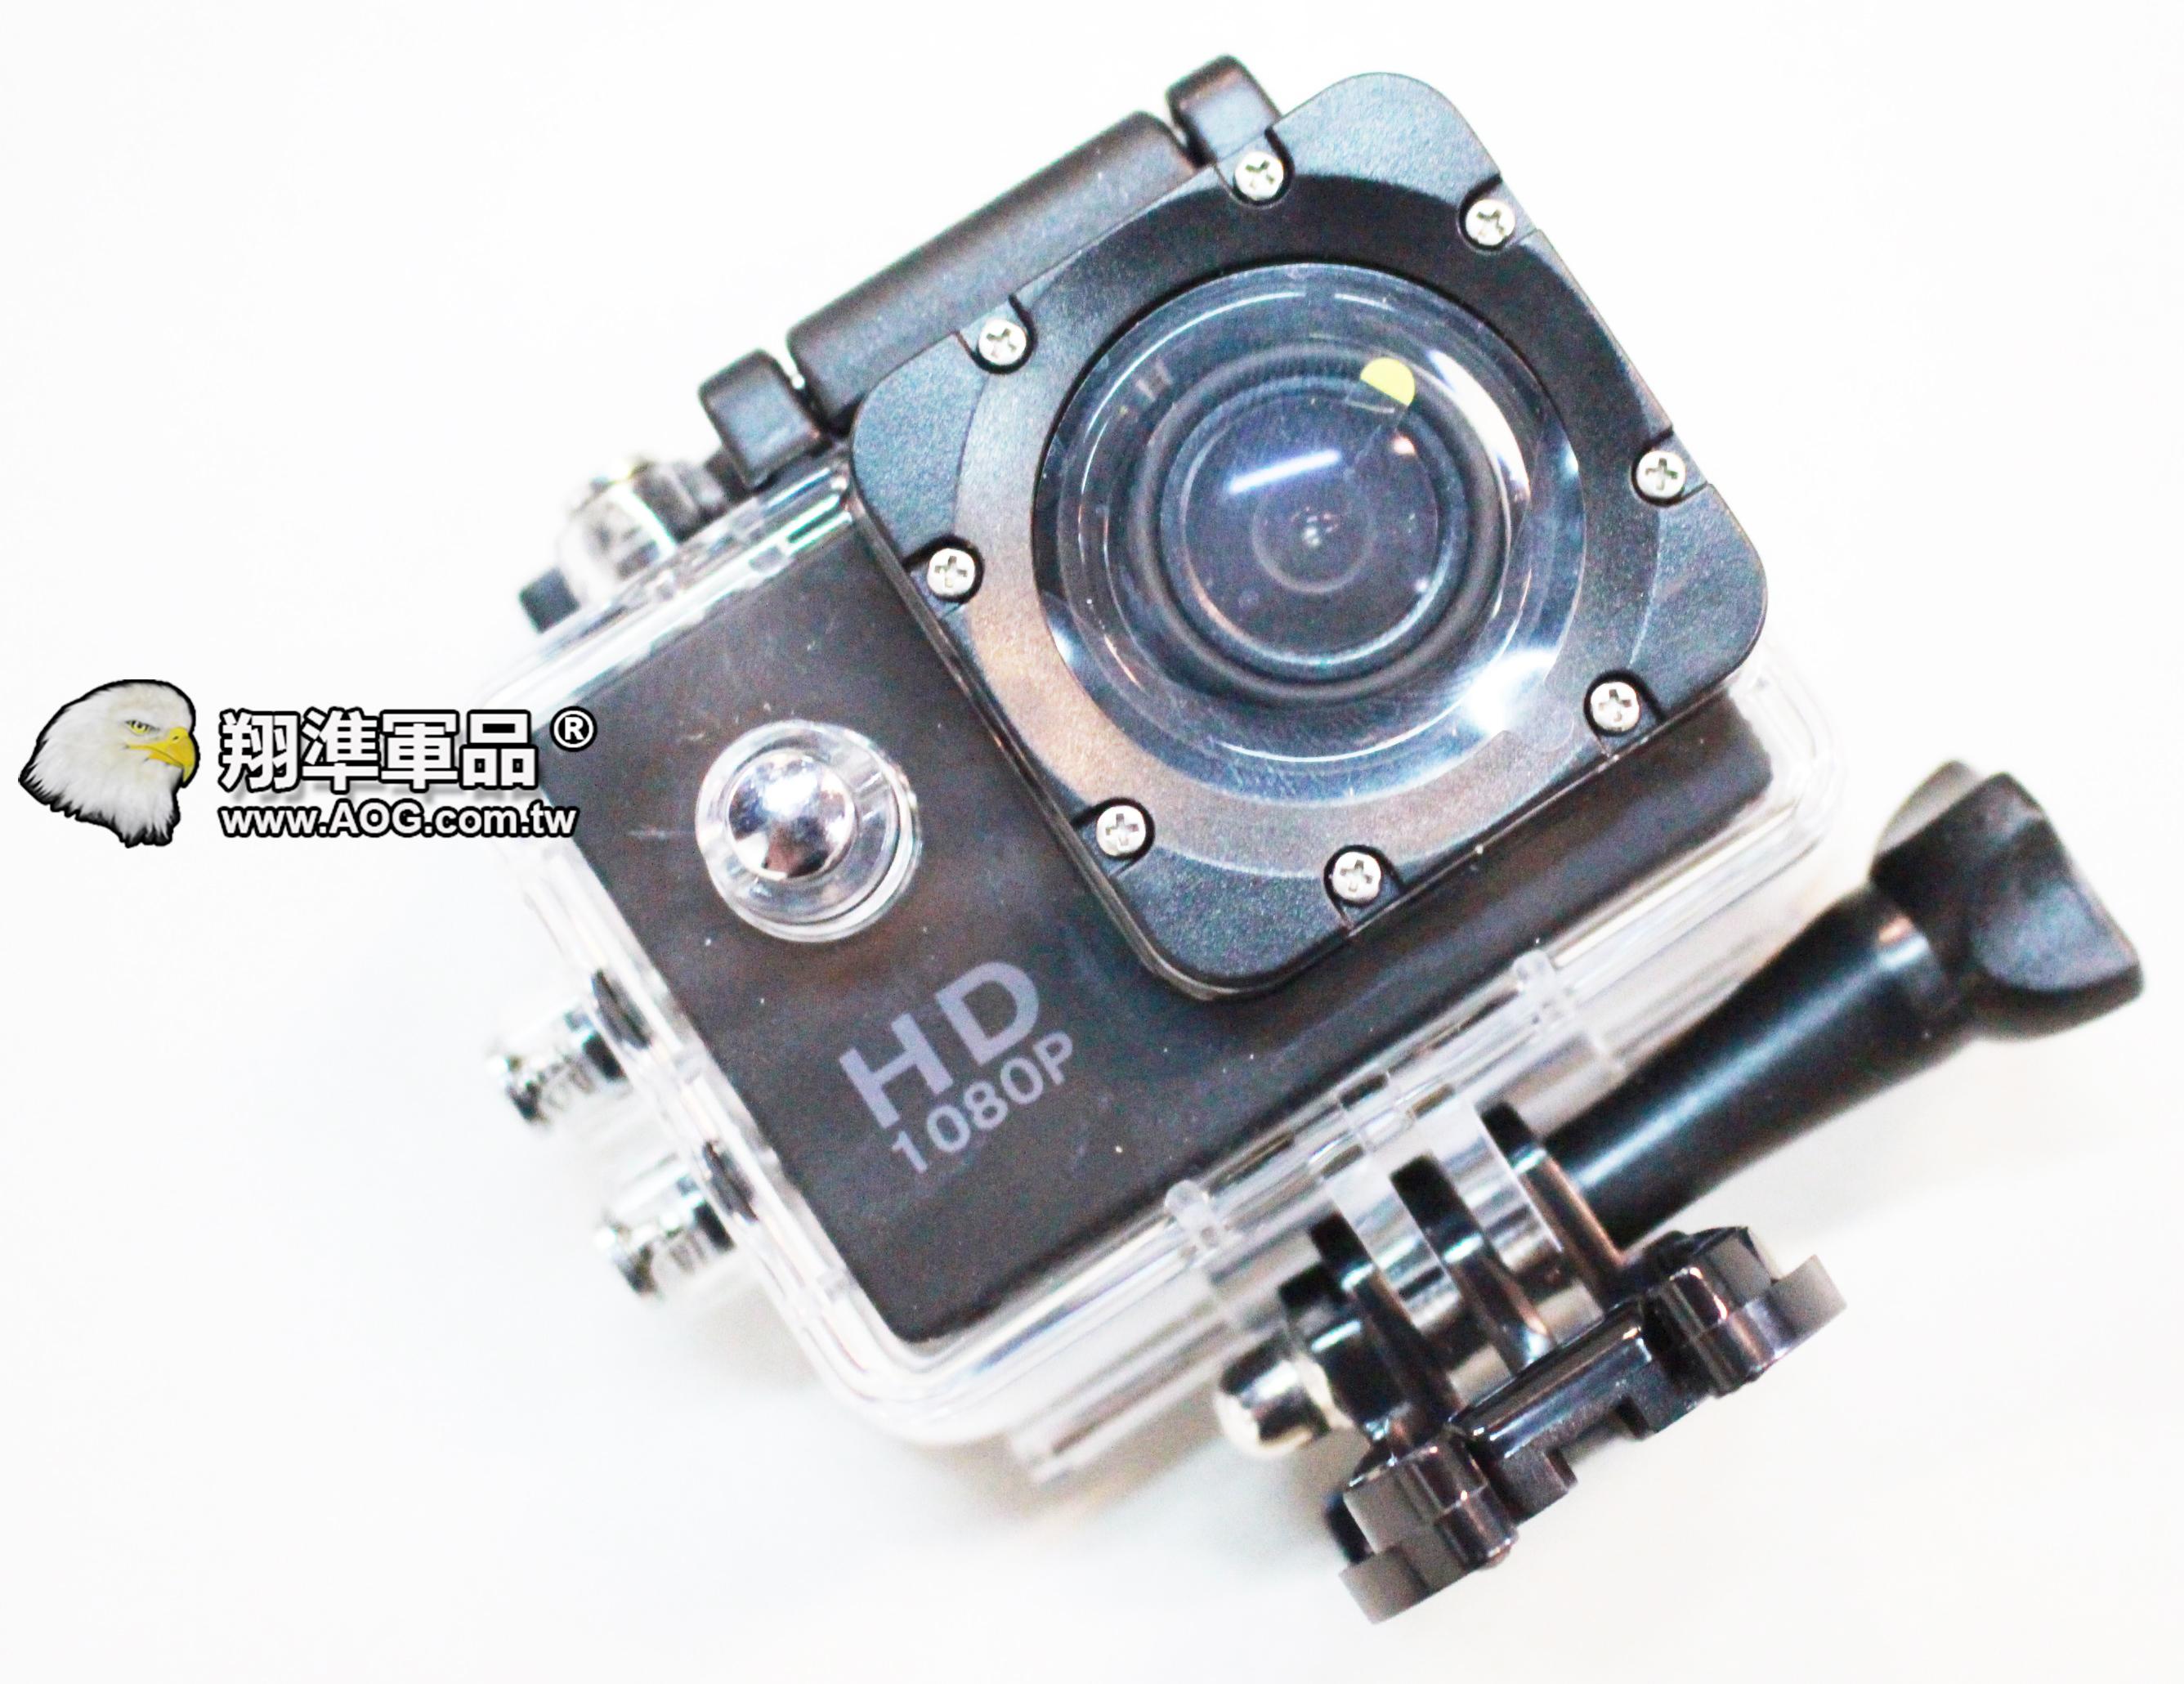 【翔準國際AOG】HD 廣角微型運動攝影機 攝像機 紀錄器 套裝整組 GMATE-HD1 非GORPO